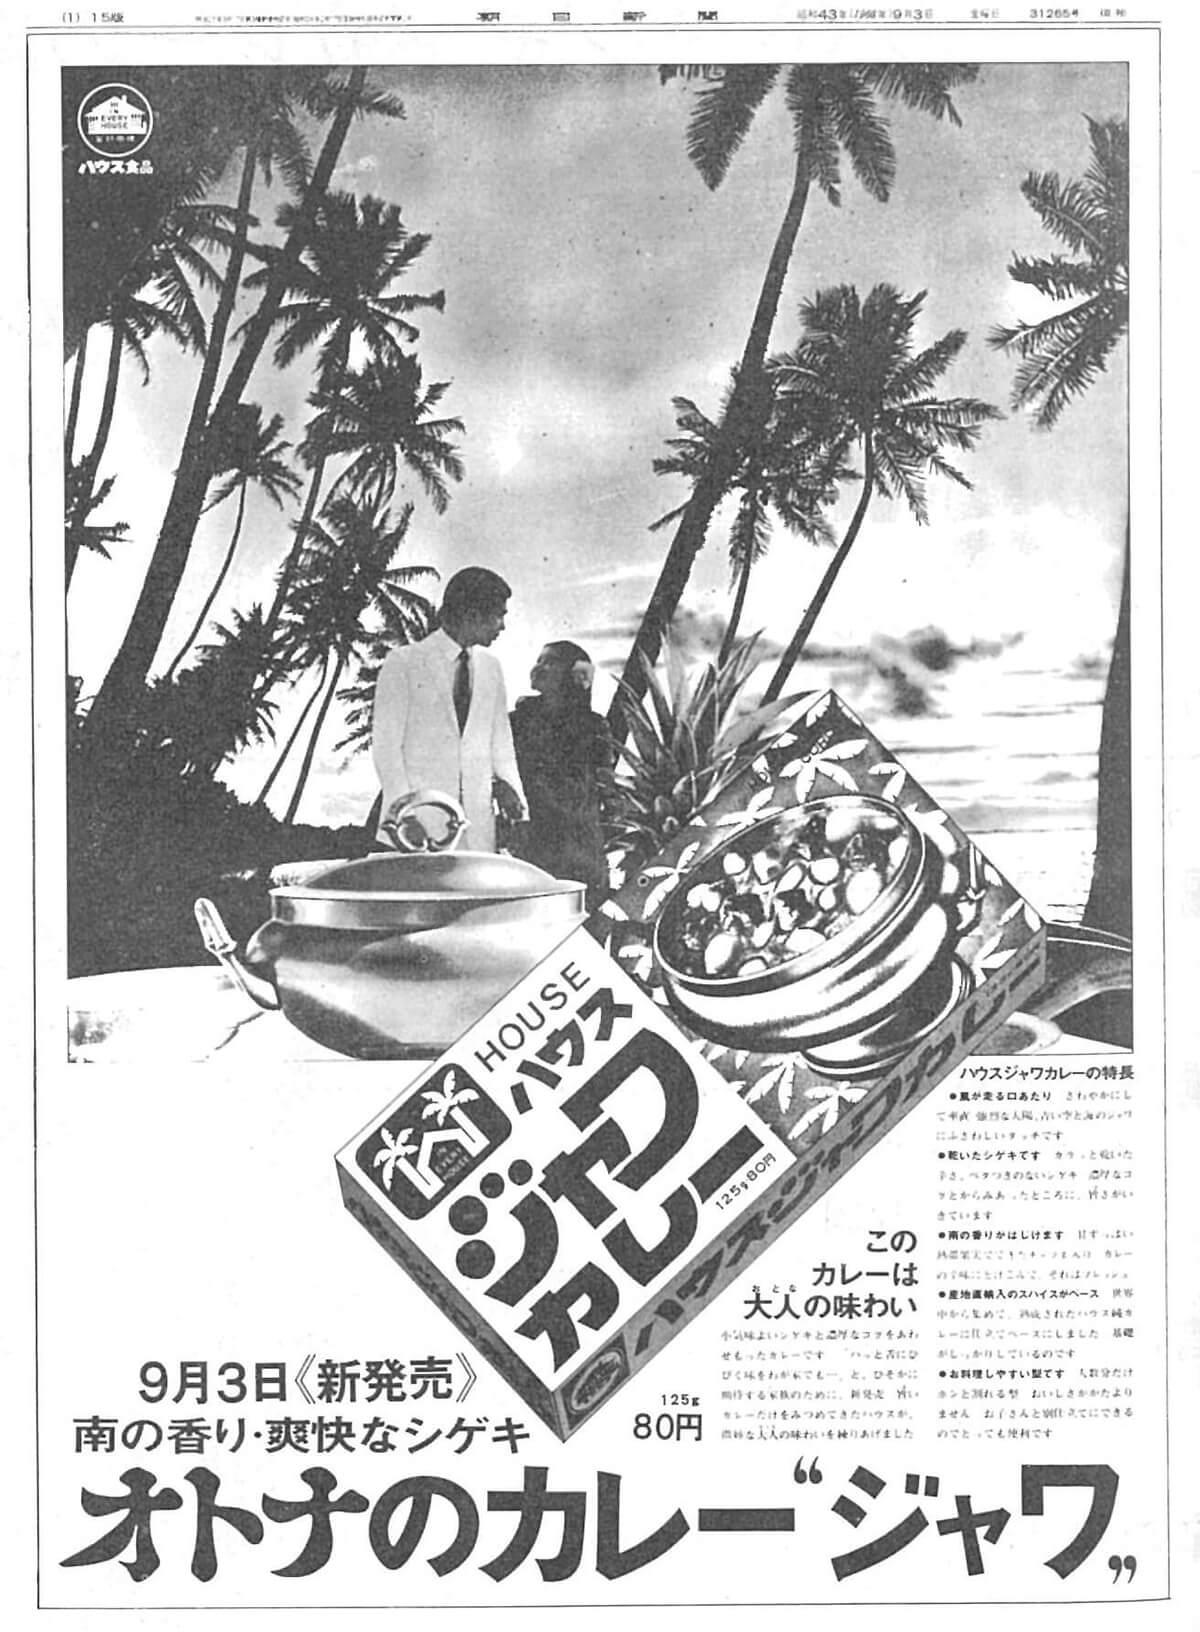 ハウス商品の歴史 1968年ジャワカレー   カレー辞典   カレーハウス ...